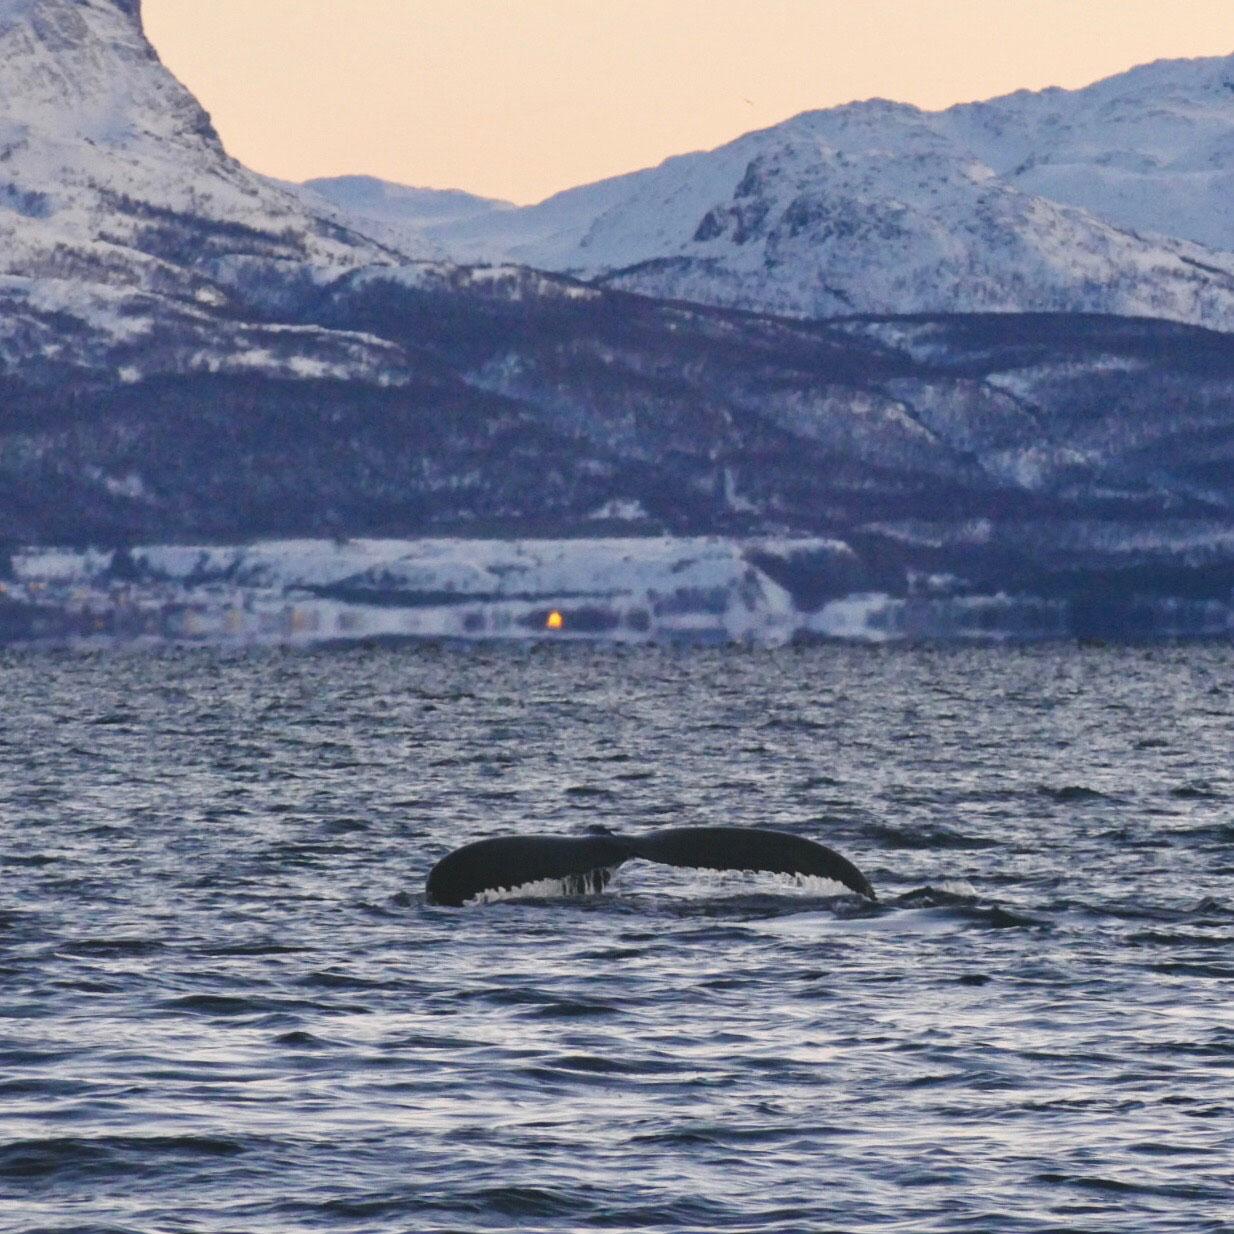 norwegen-wale-buckelwale-05.jpg